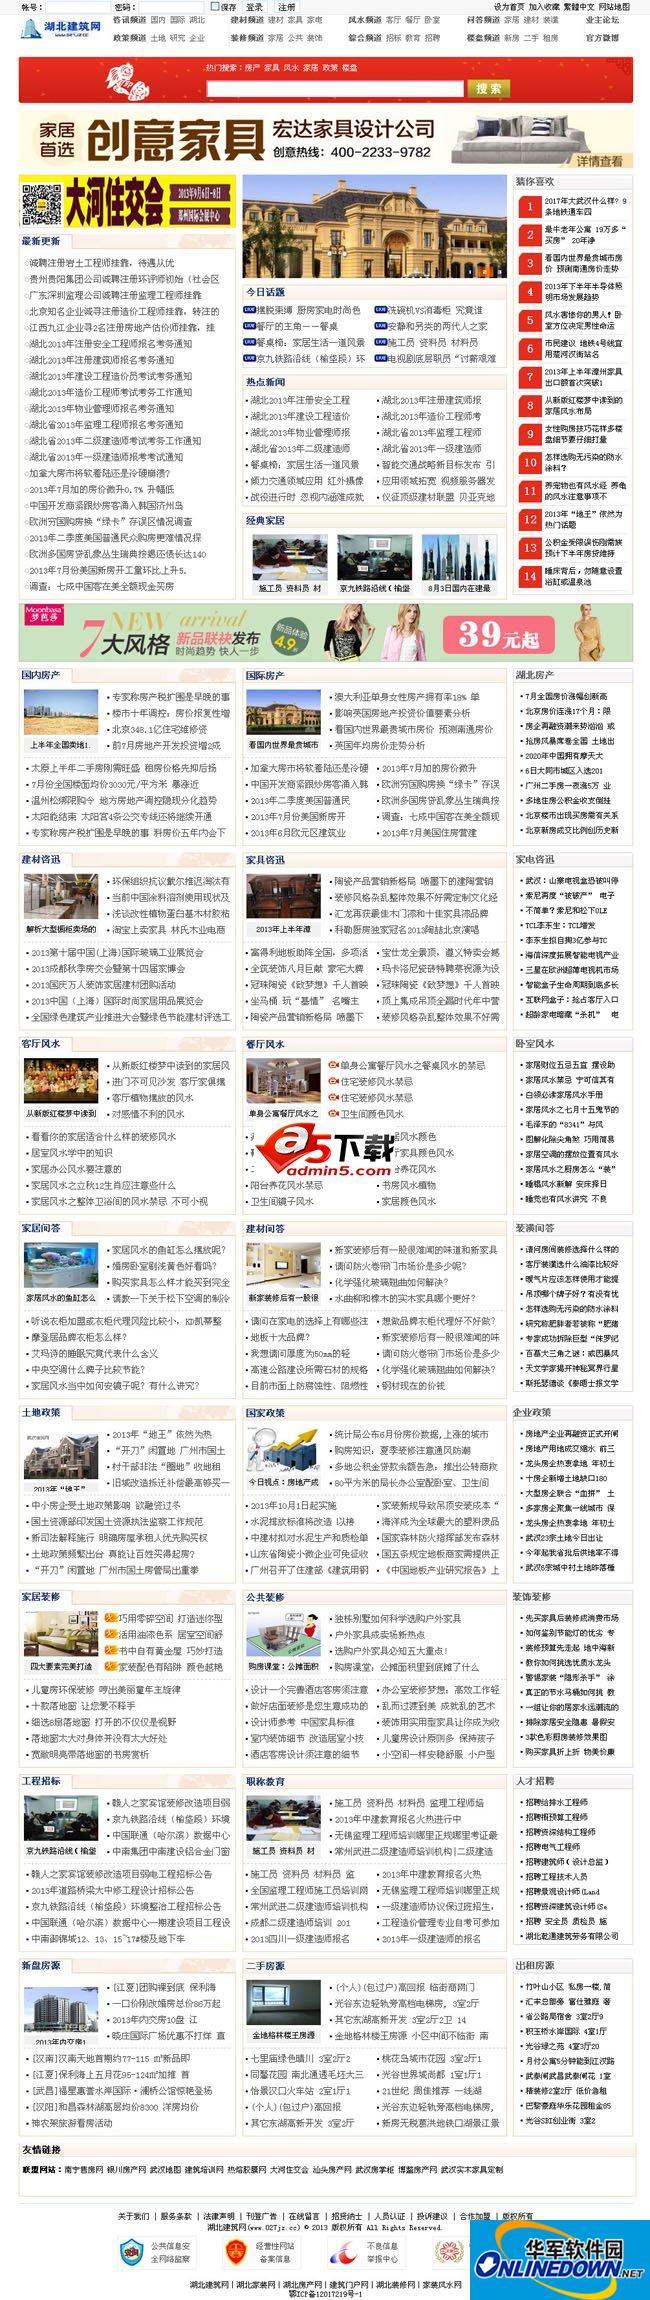 地方新闻门户网站